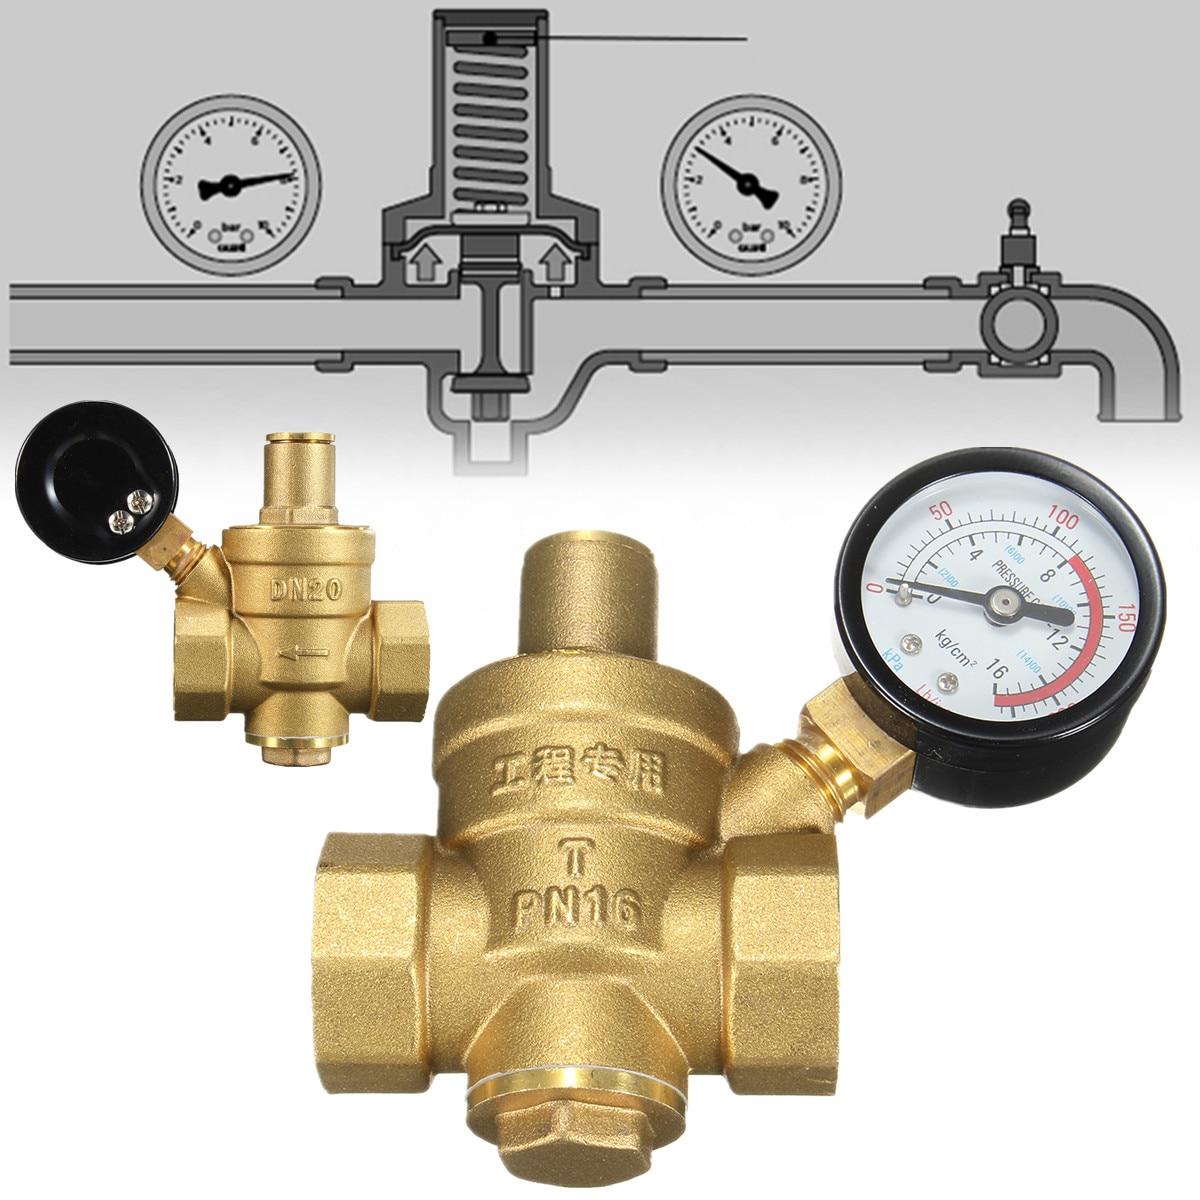 PN 1,6 Einstellbare Wasserdruck Regler Minderer Messing DN20 NPT 3/4